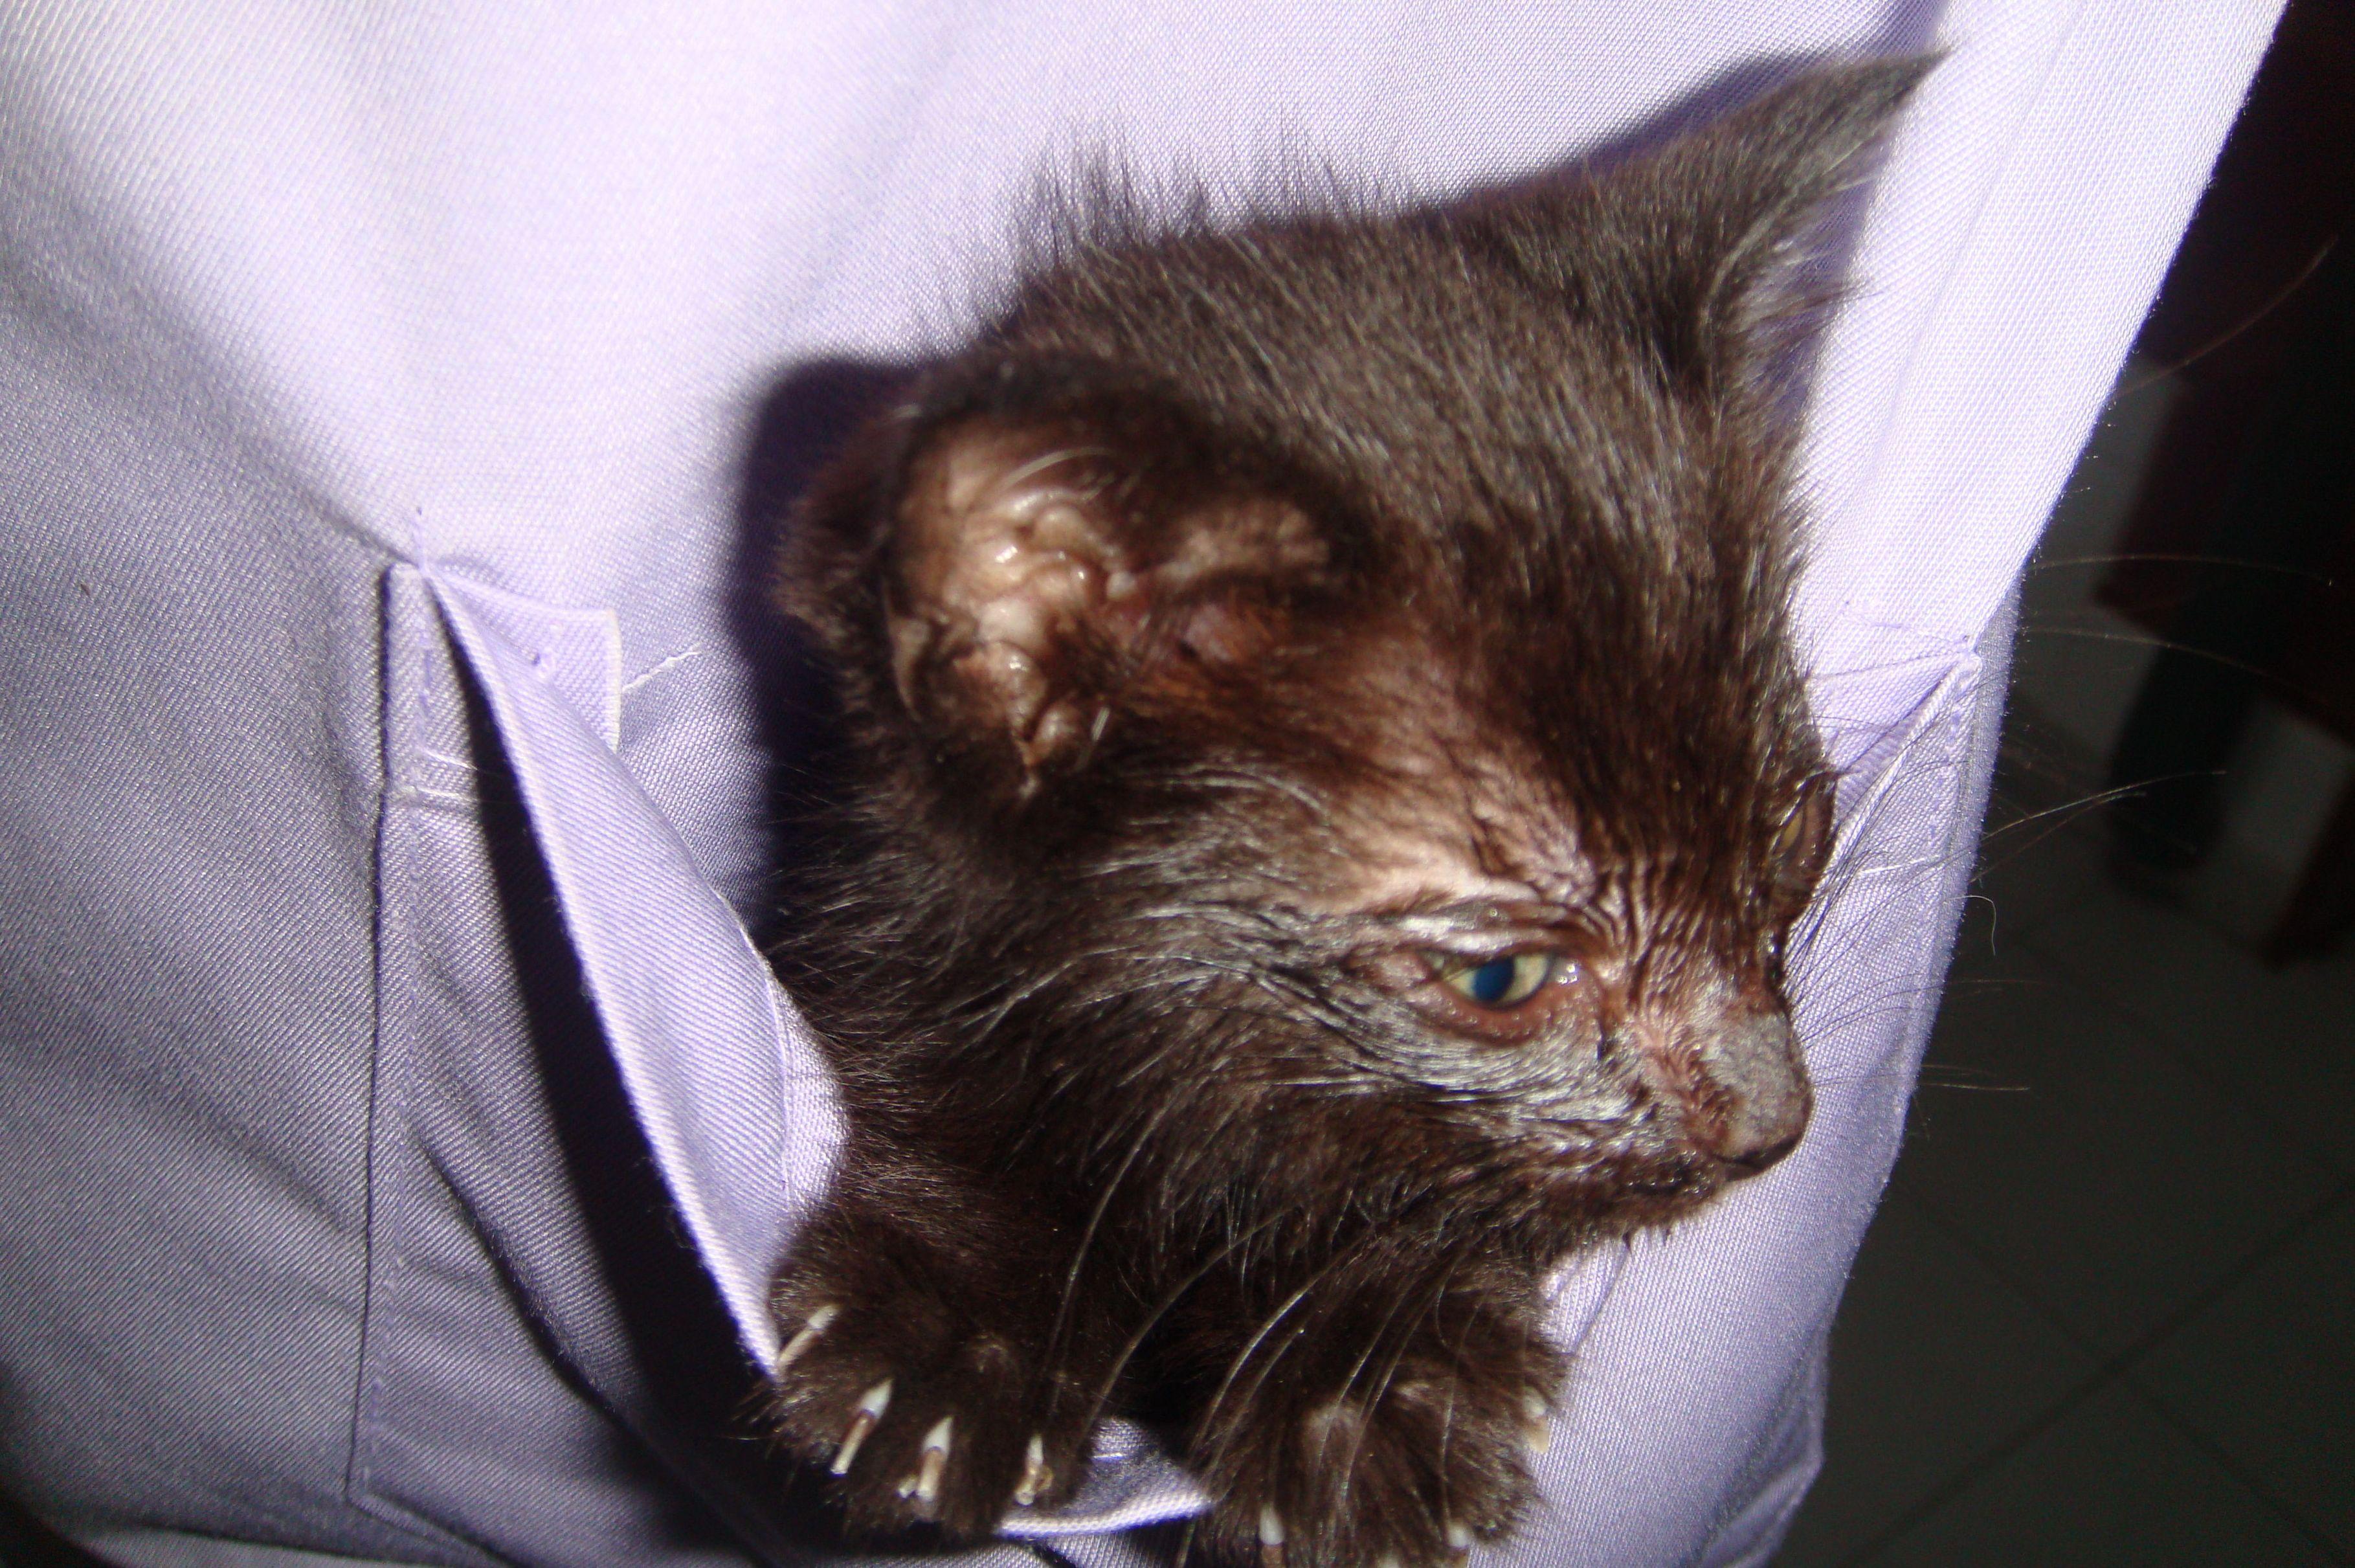 Servicios de diagnóstico veterinario en Tenerife